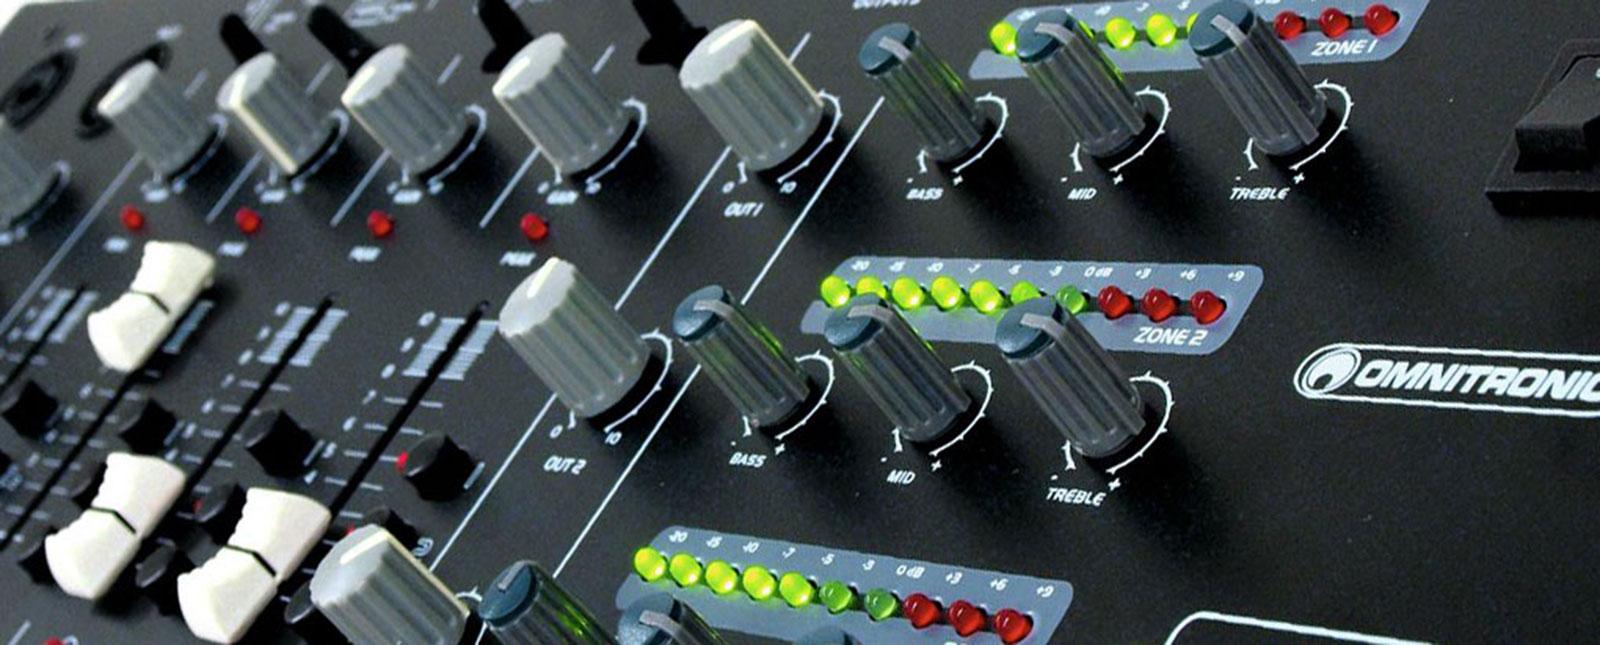 Omnitronic - DJ Equipment